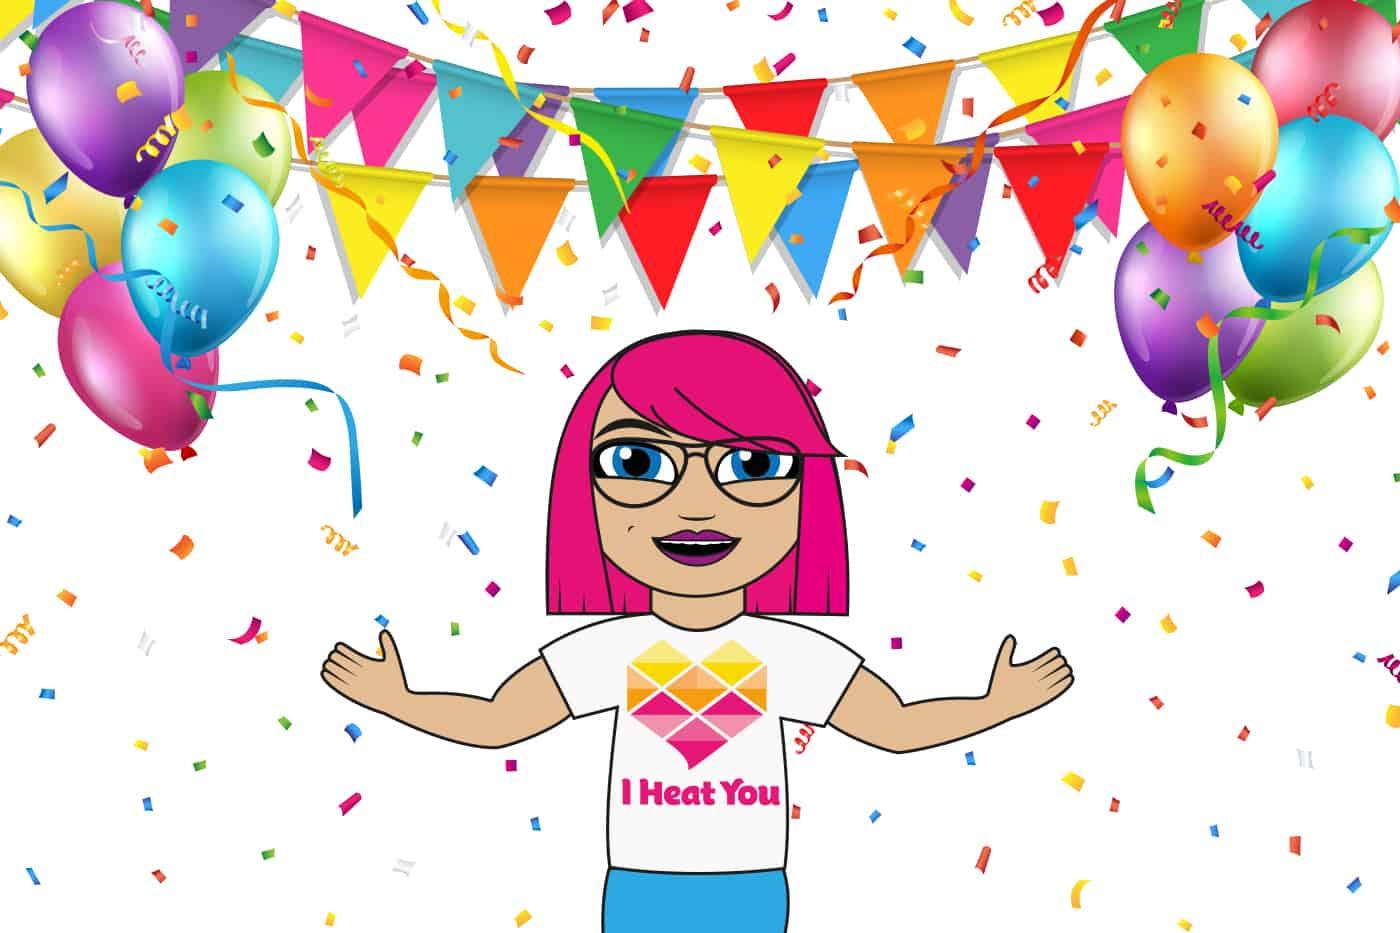 Tecknad tjej med rosa hår firar med ballonger och confetti